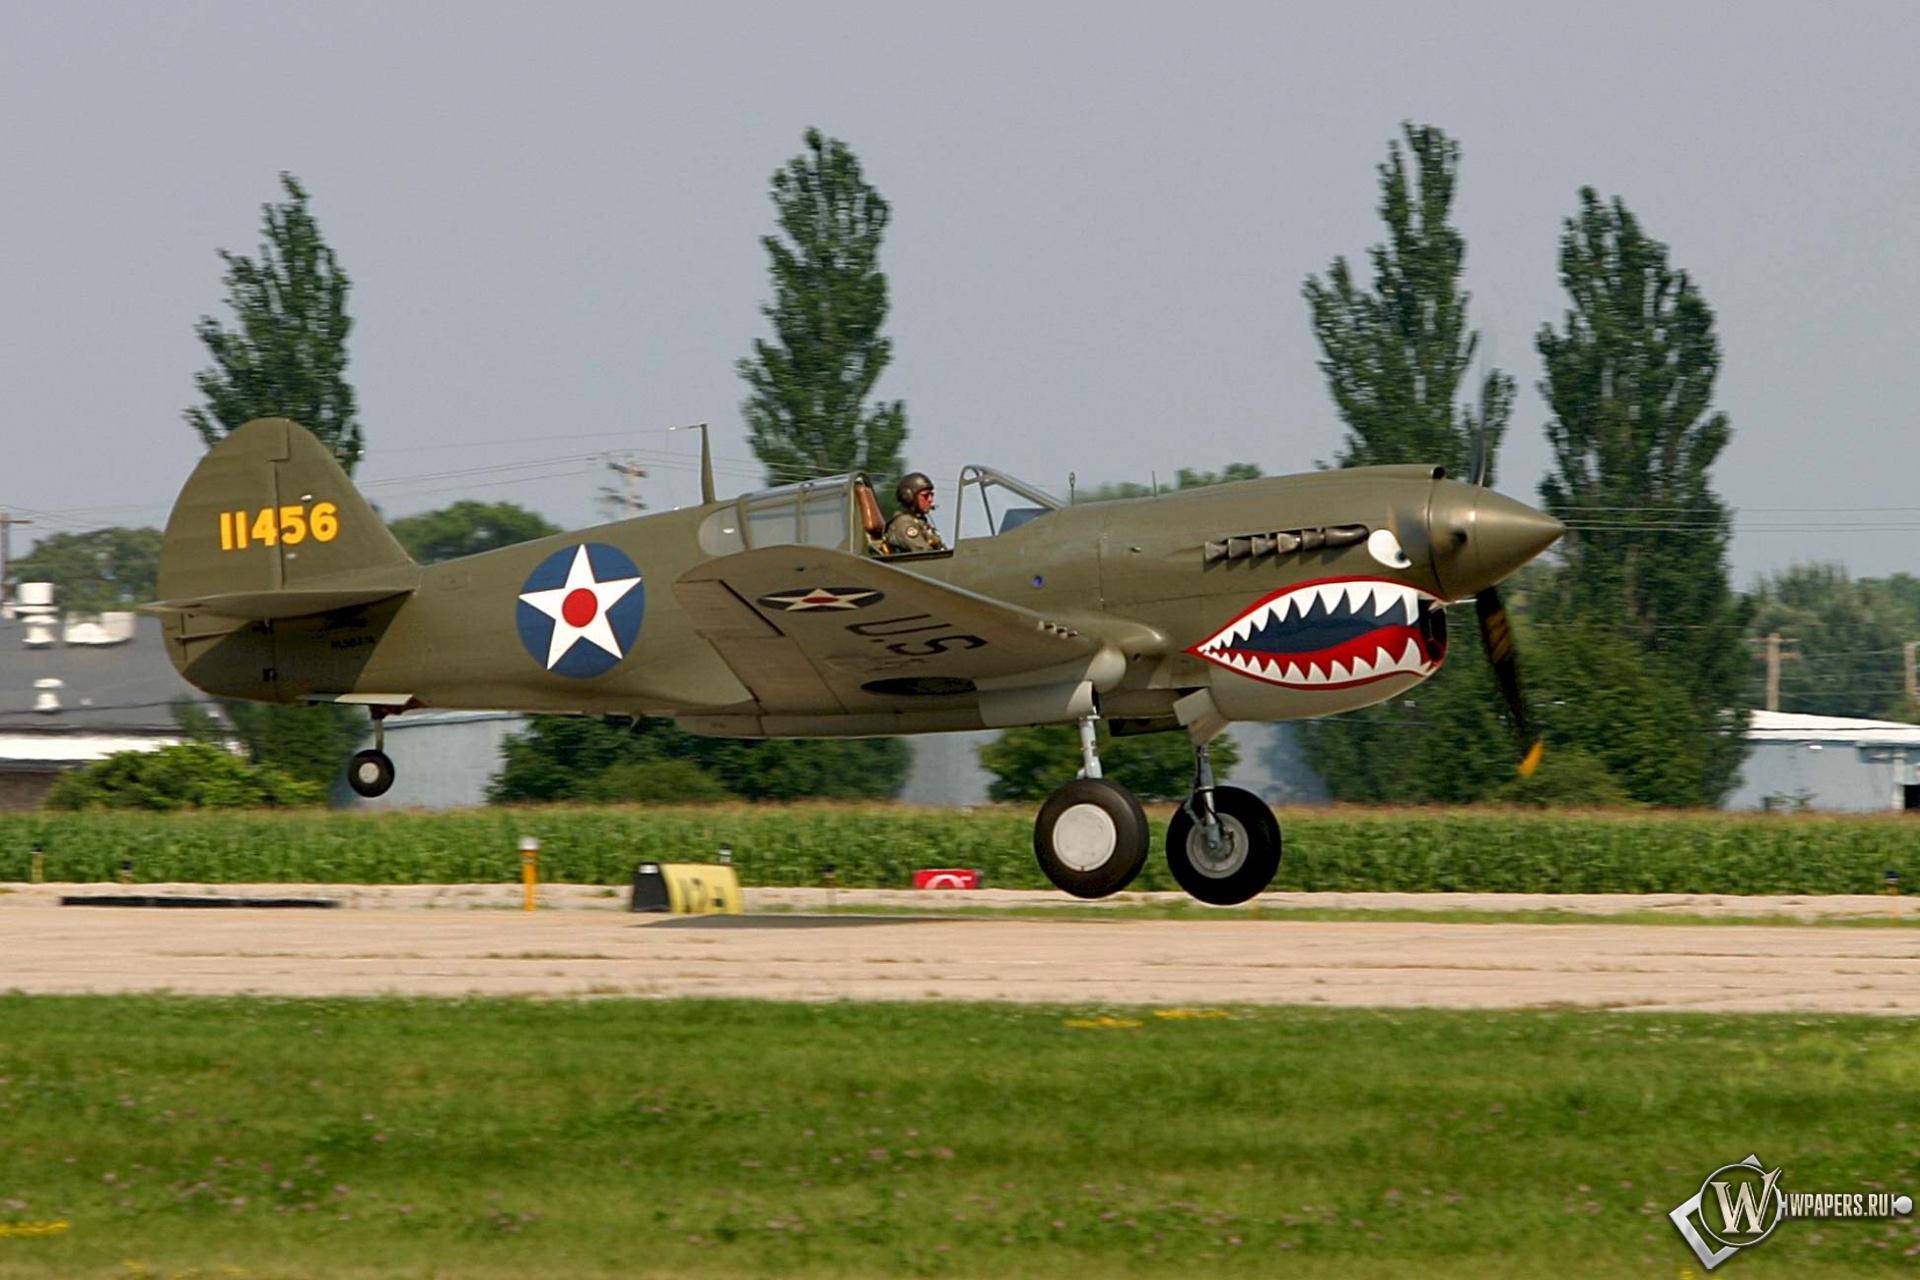 Curtiss P-40 1920x1280